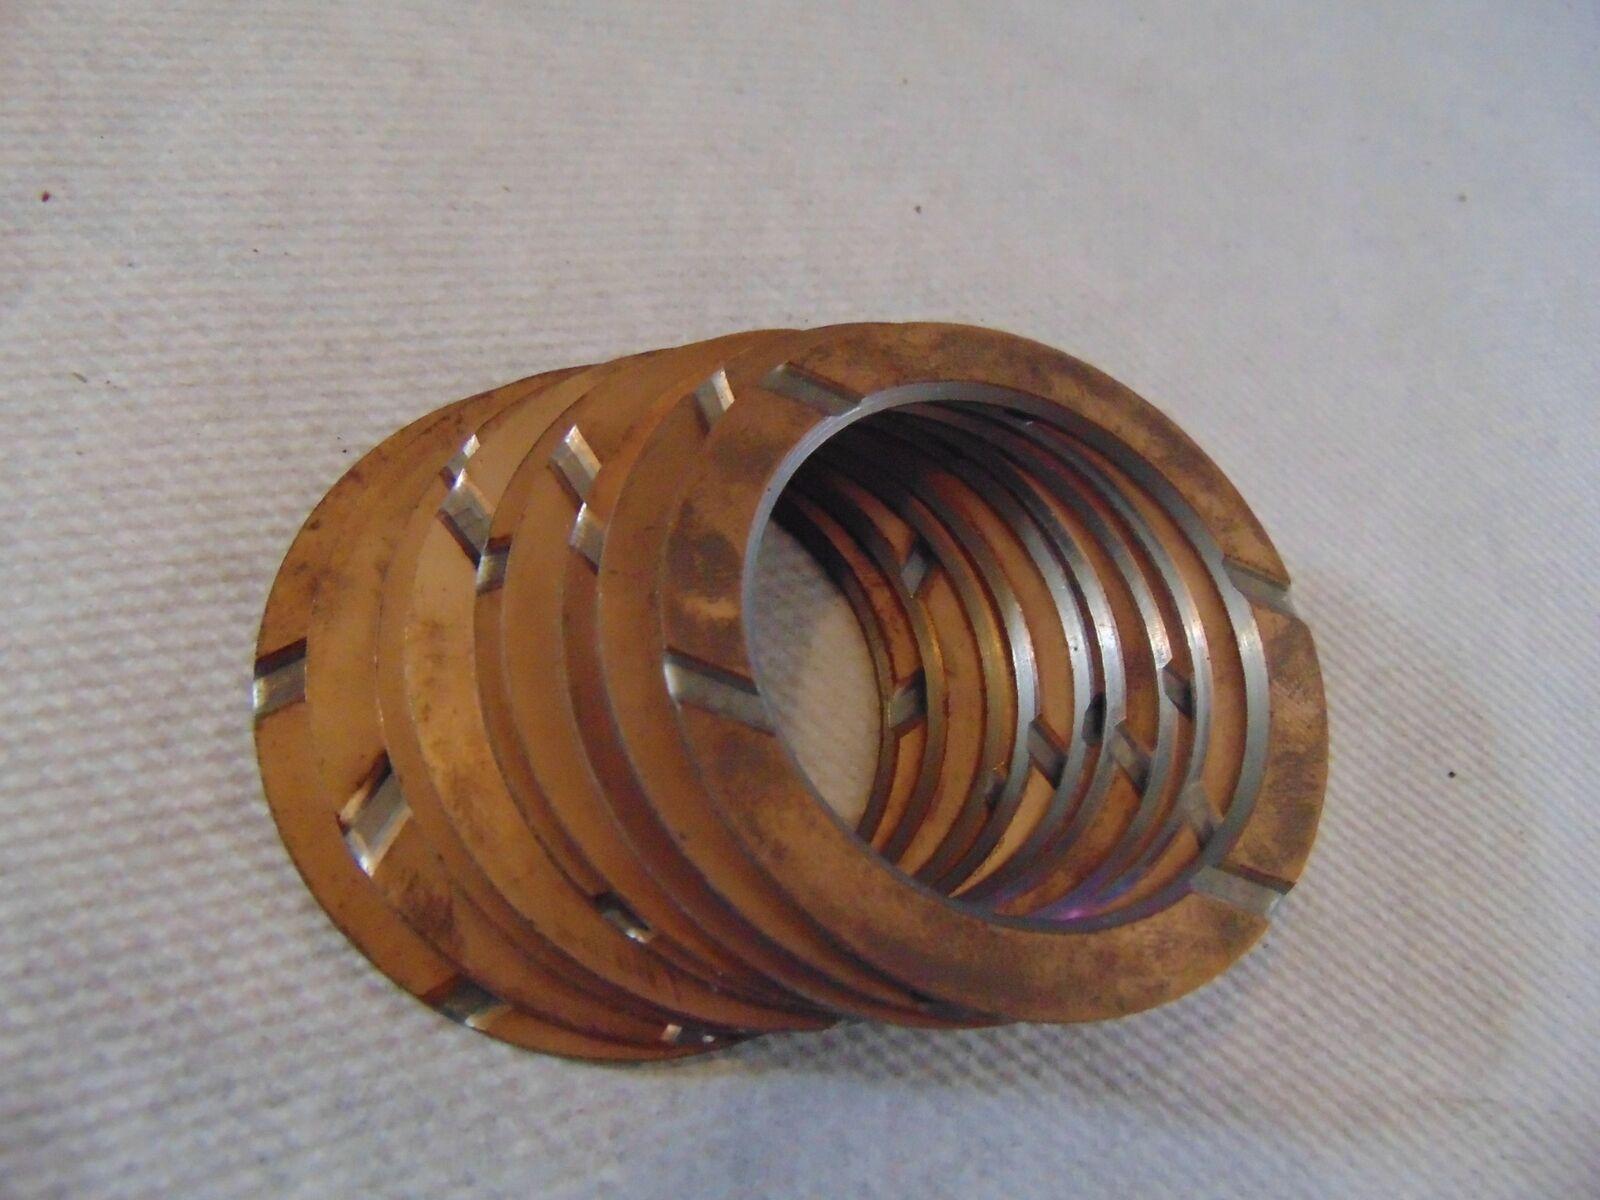 AG WVAG Kettensatz SUZUKI TL 1000 S DID VX X-ring g/&b Boutons tl1000s